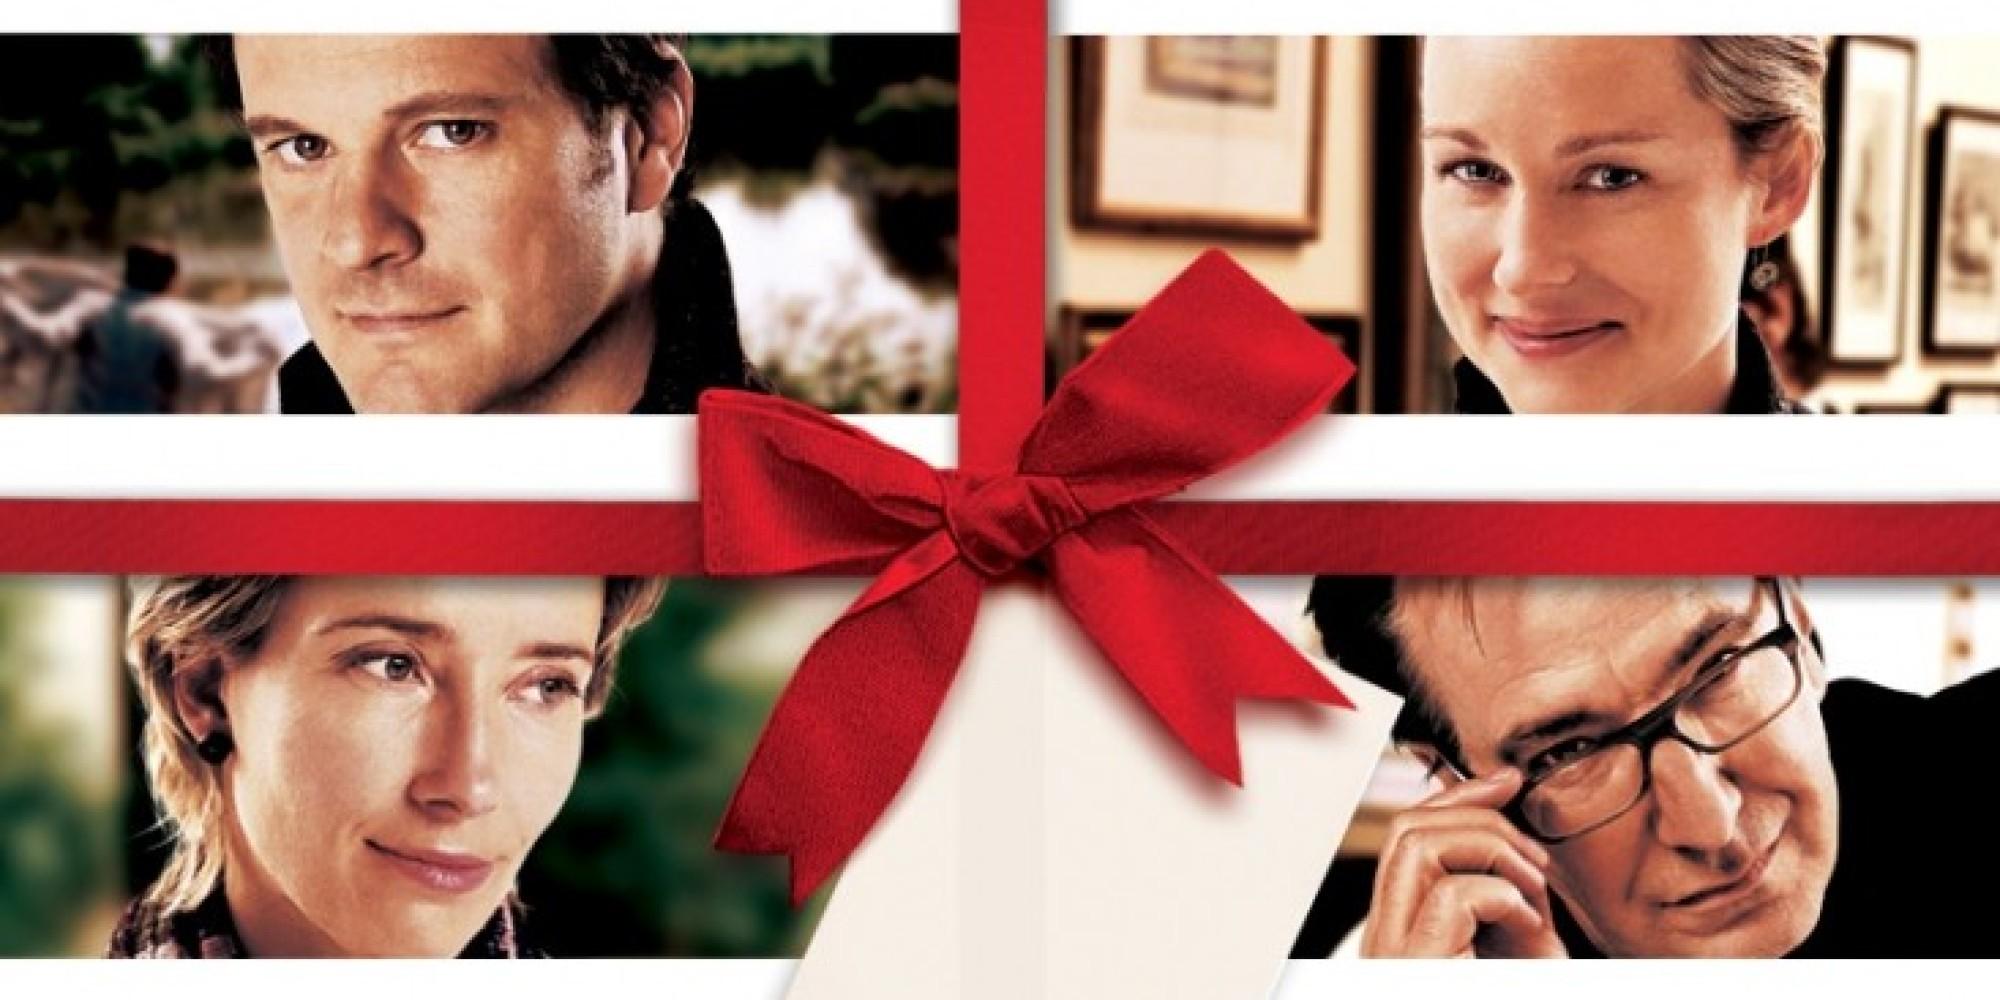 Carol Christmas 2003